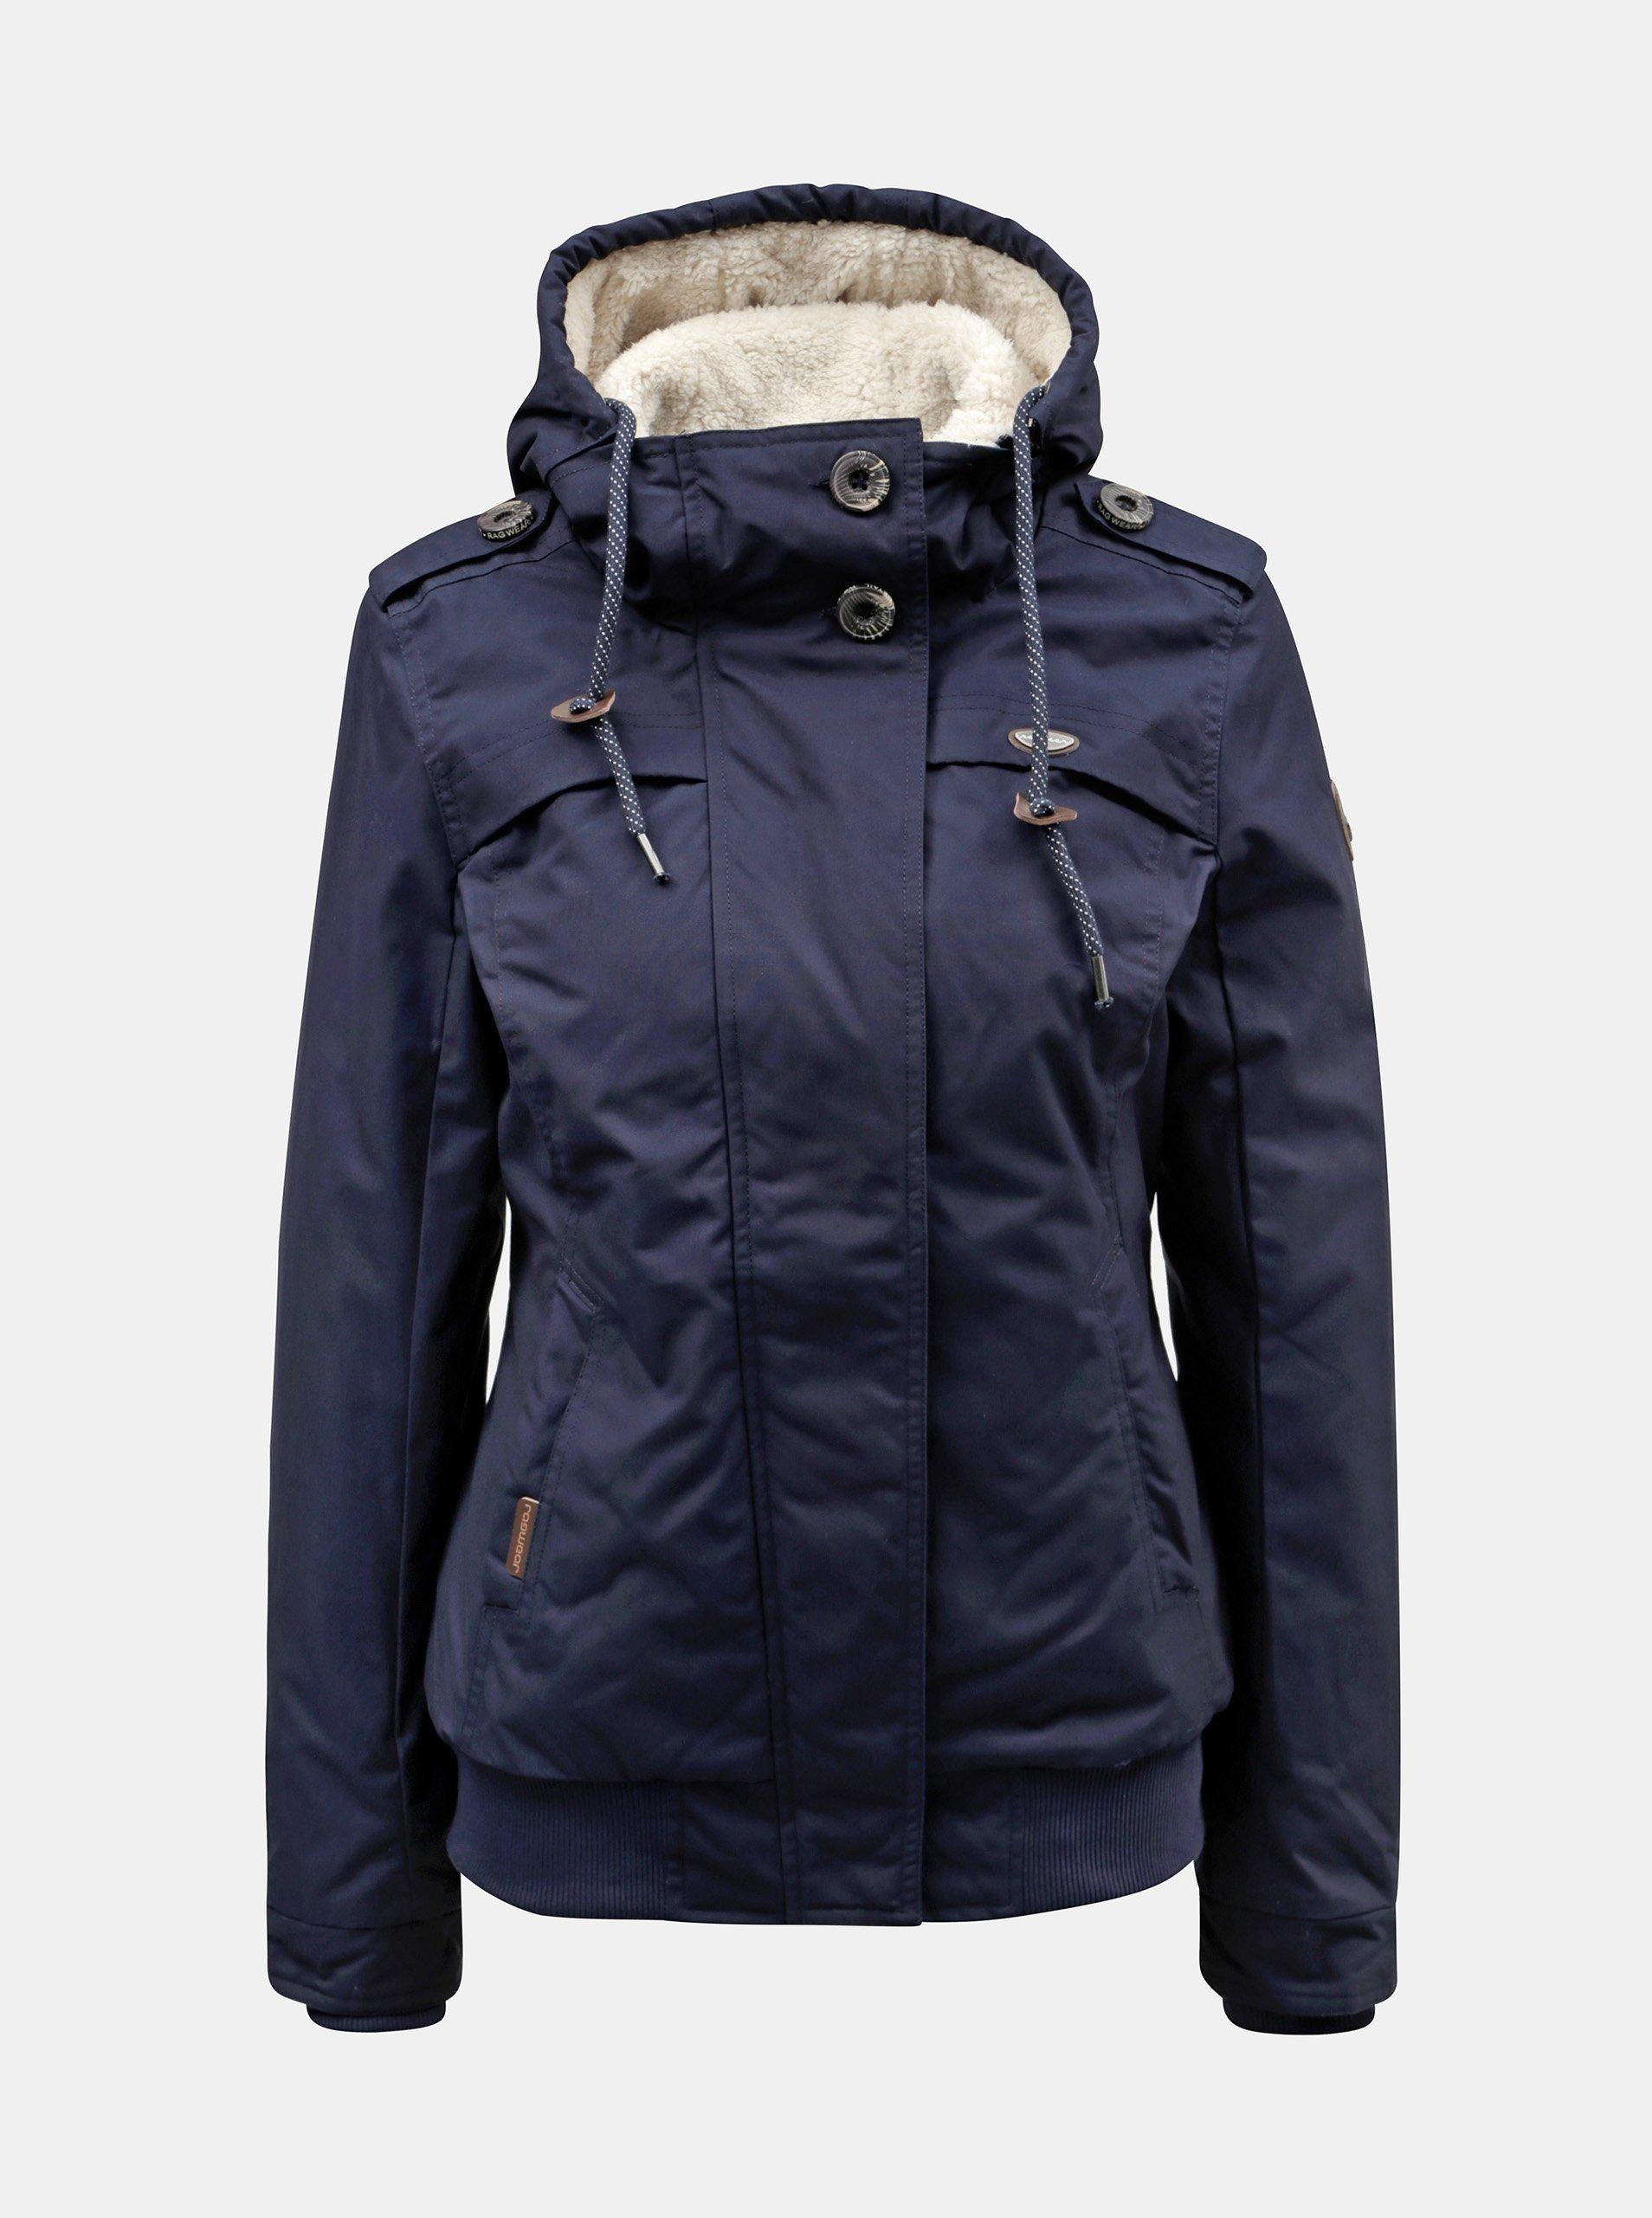 Tmavomodrá dámska zimná bunda Ragwear